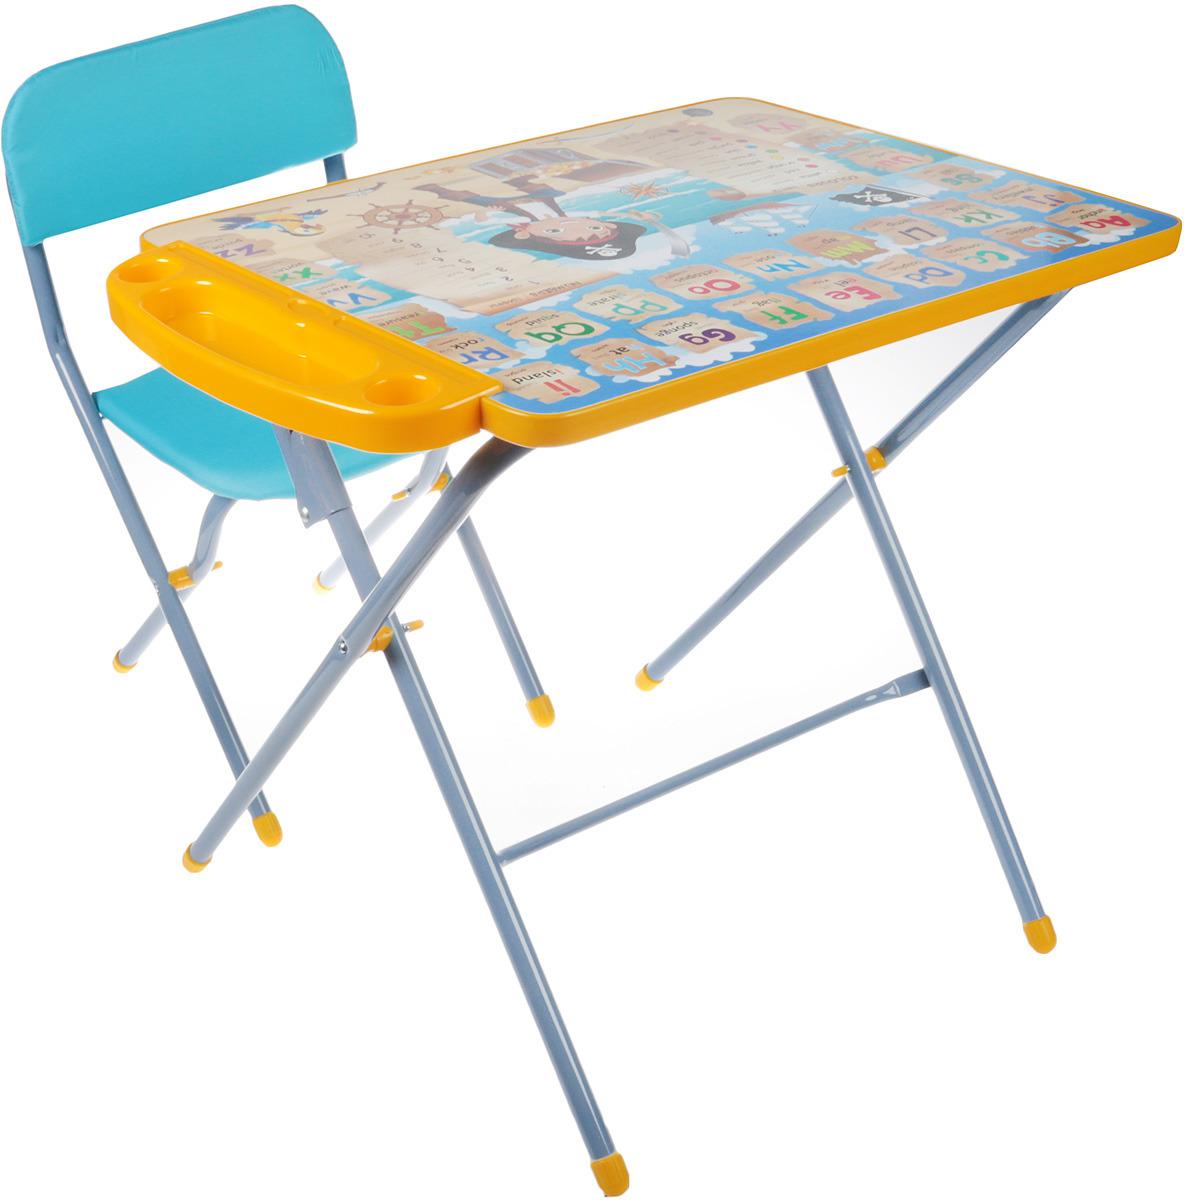 Фея Набор детской мебели Досуг Пират фея набор детской мебели досуг динозаврики